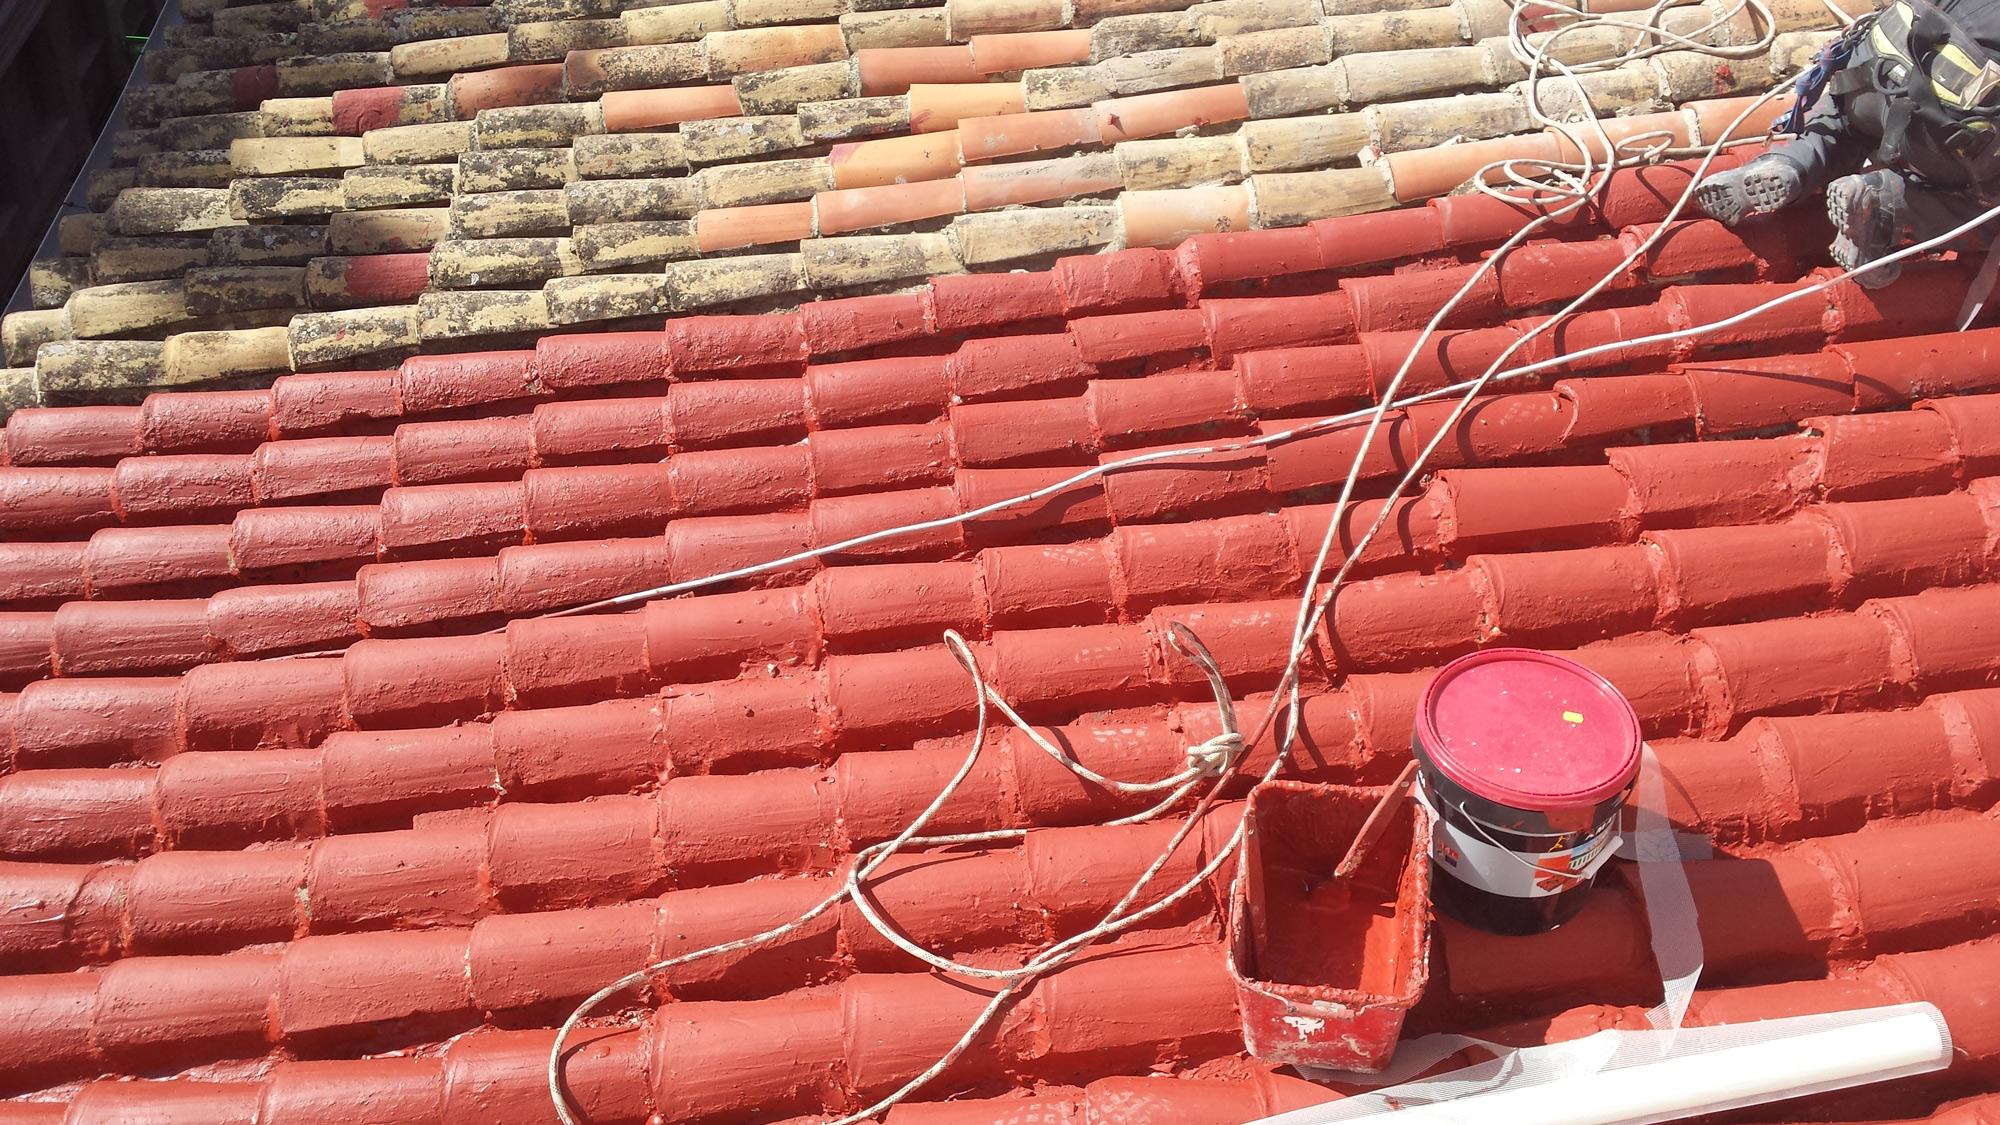 Rehabilitaci n impermeabilizaci n cubiertas tejados alicante - Cubiertas vegetales para tejados ...